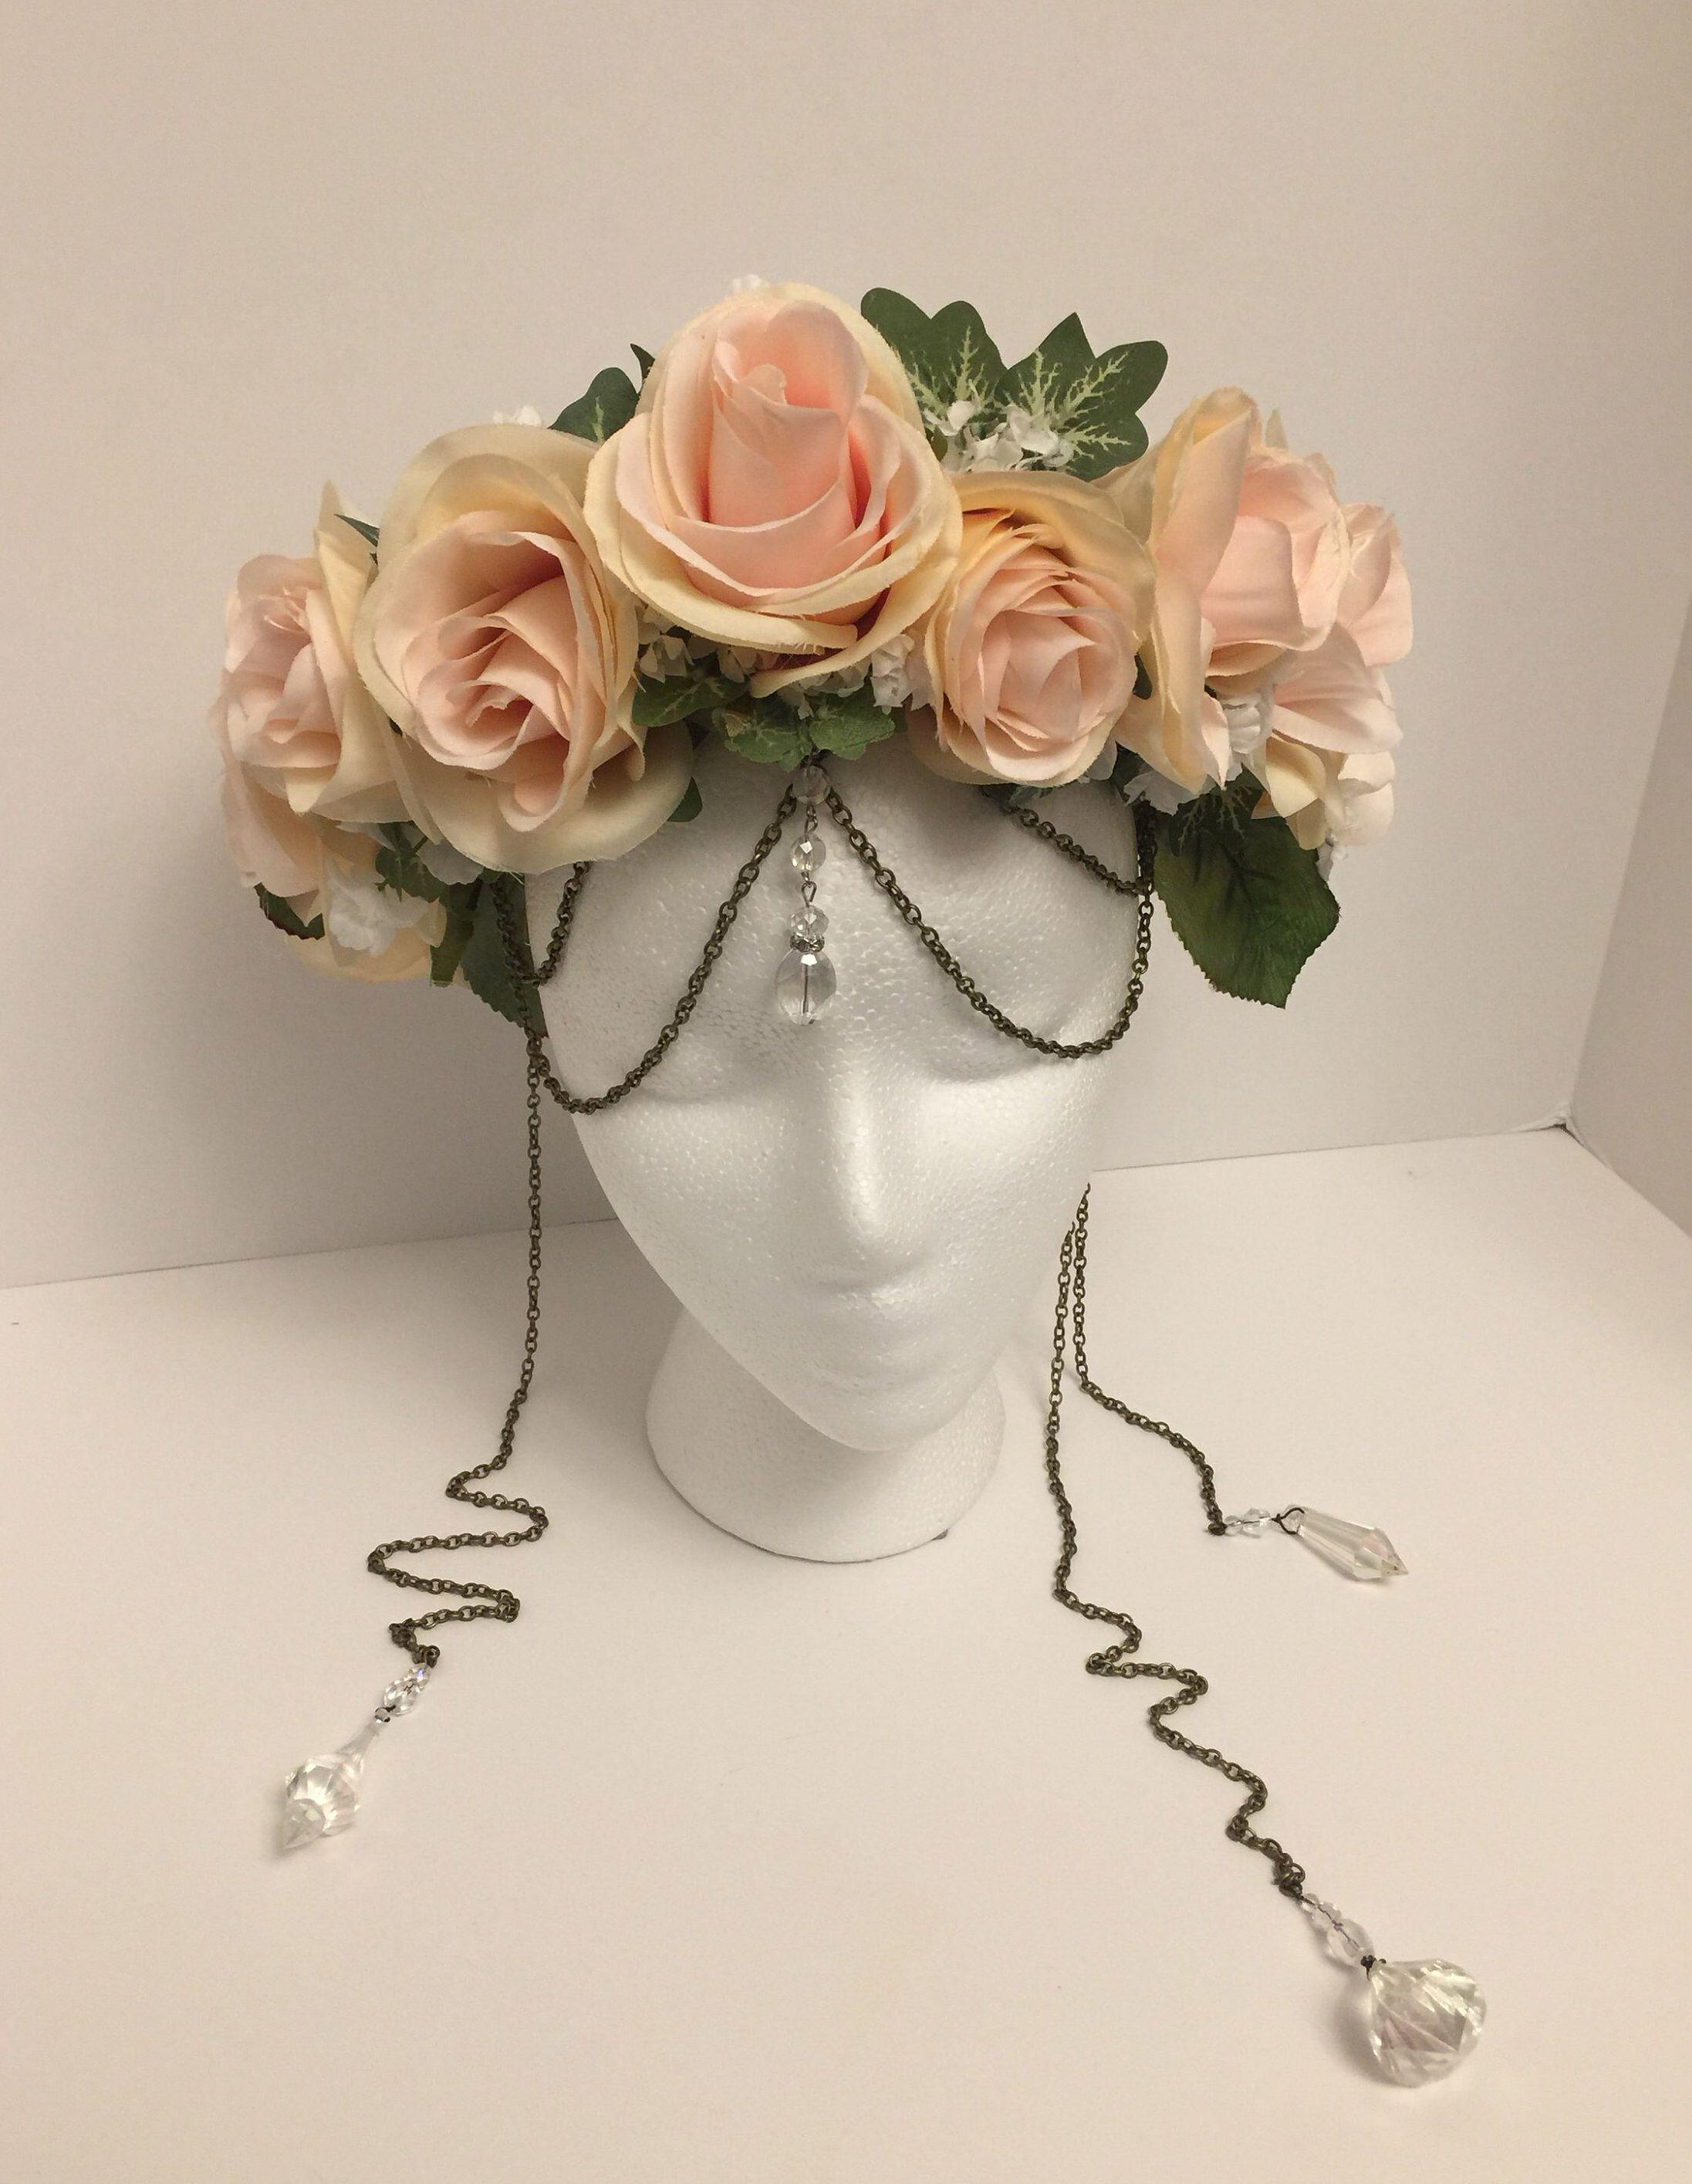 Peachy Pink Rose Flower Crown Floral Crown Flower Halo Pink Etsy Rose Flower Crown Pink Rose Flower Rose Crown